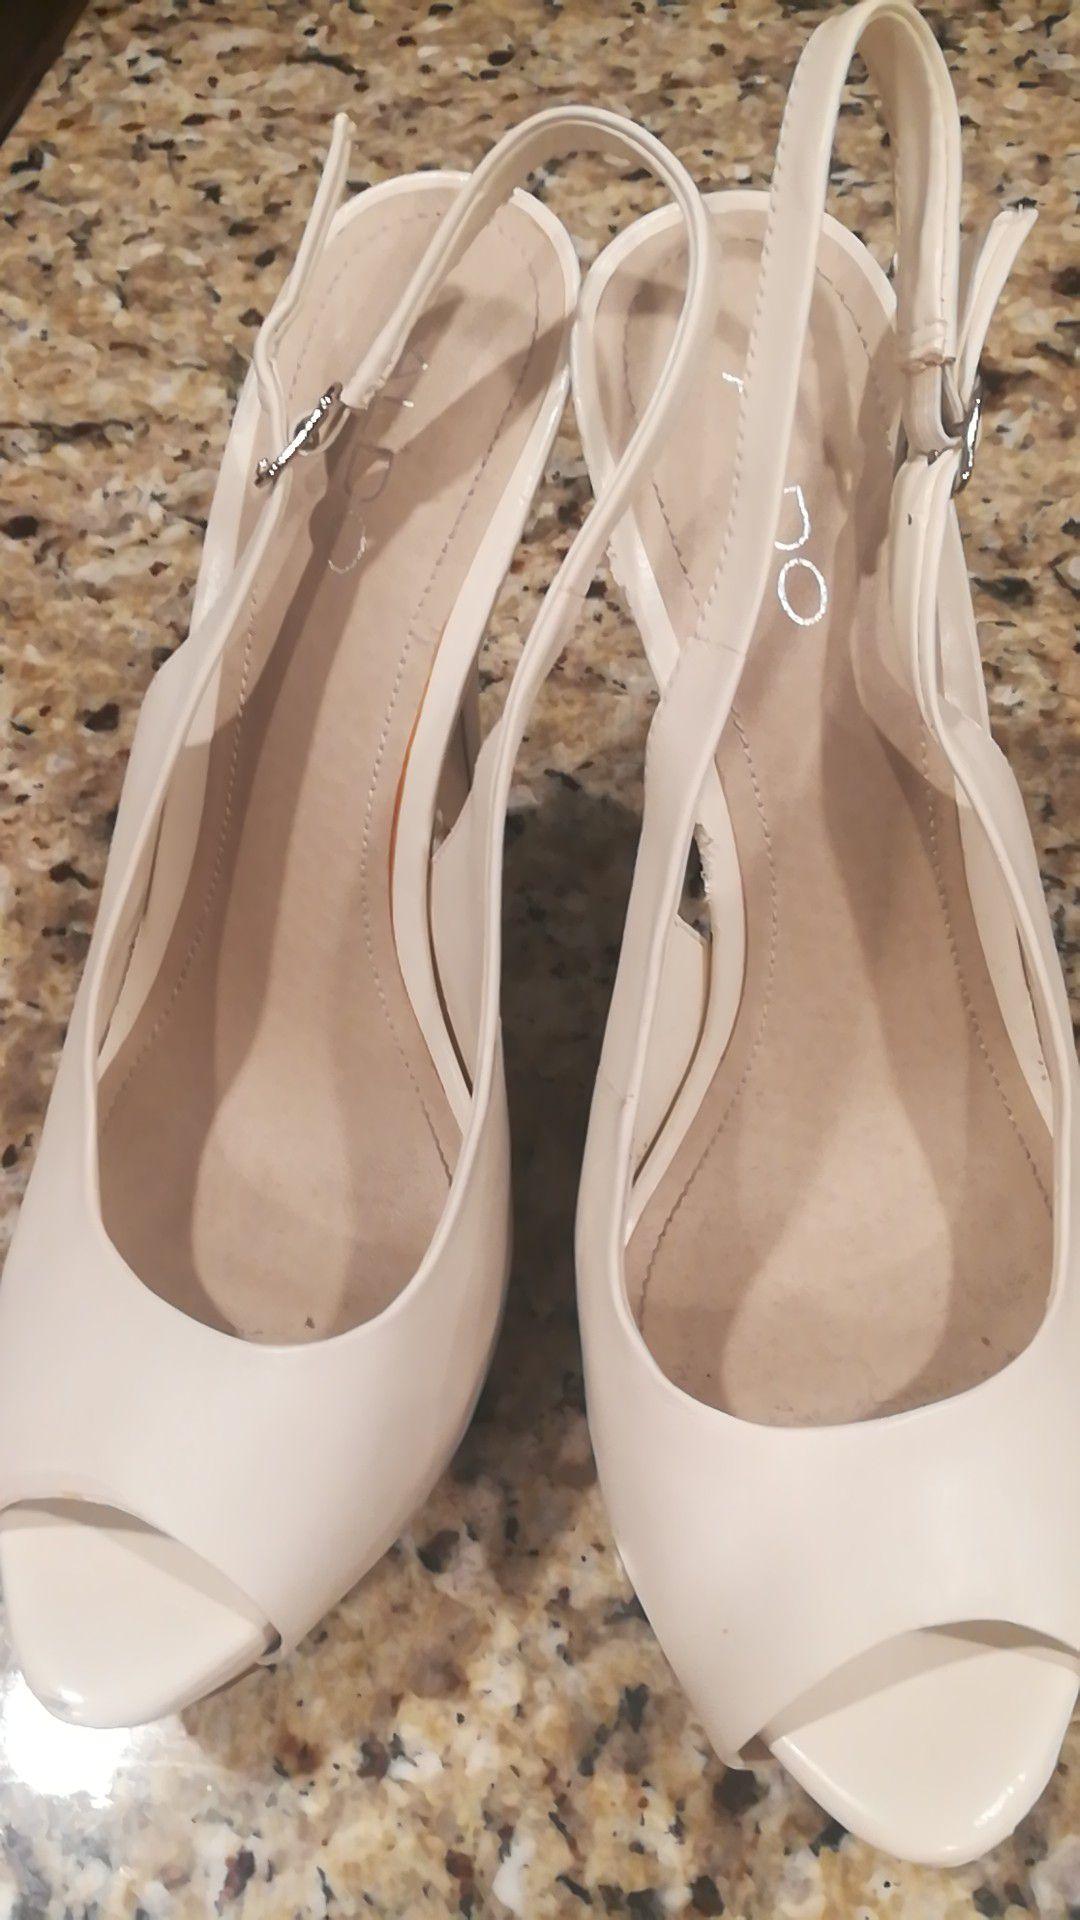 ALDO, lady's shoes